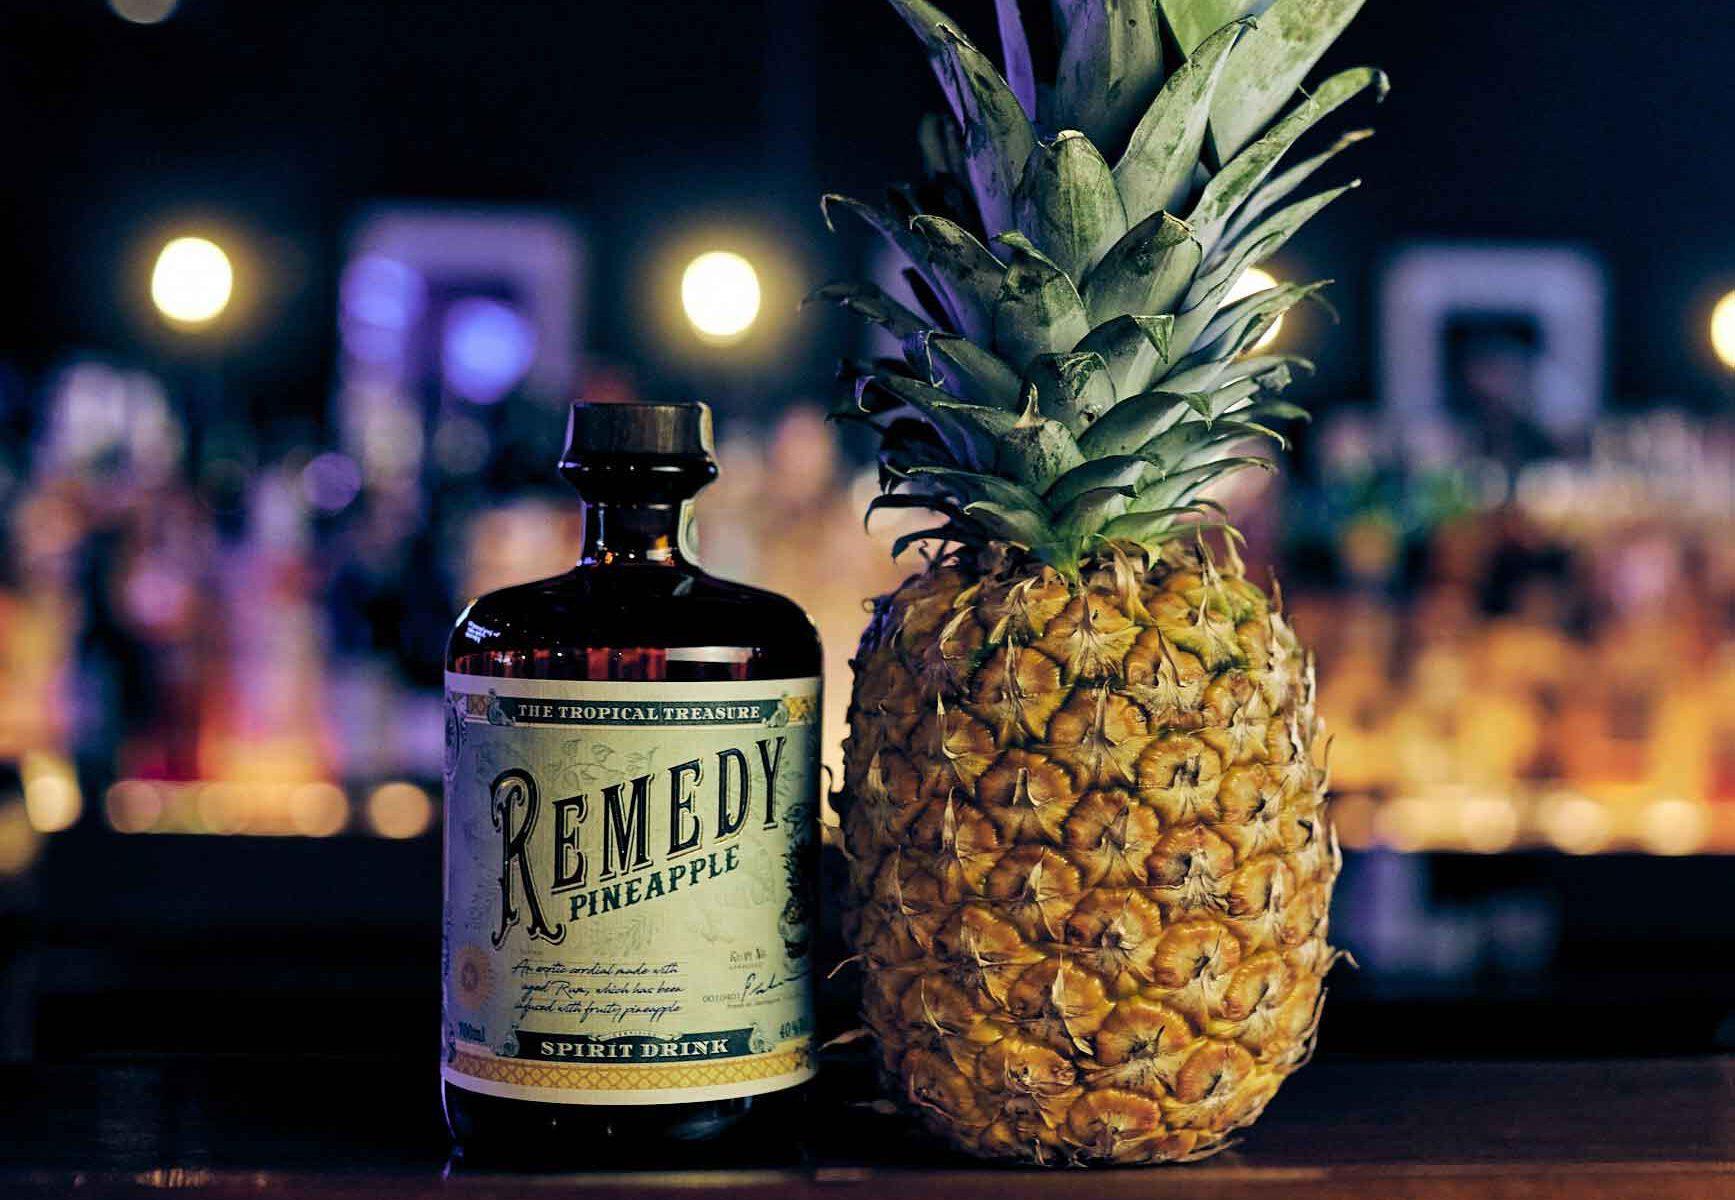 Remedy Pineapple Flasche mit einer tropischen Ananas daneben in einer Barumgebung